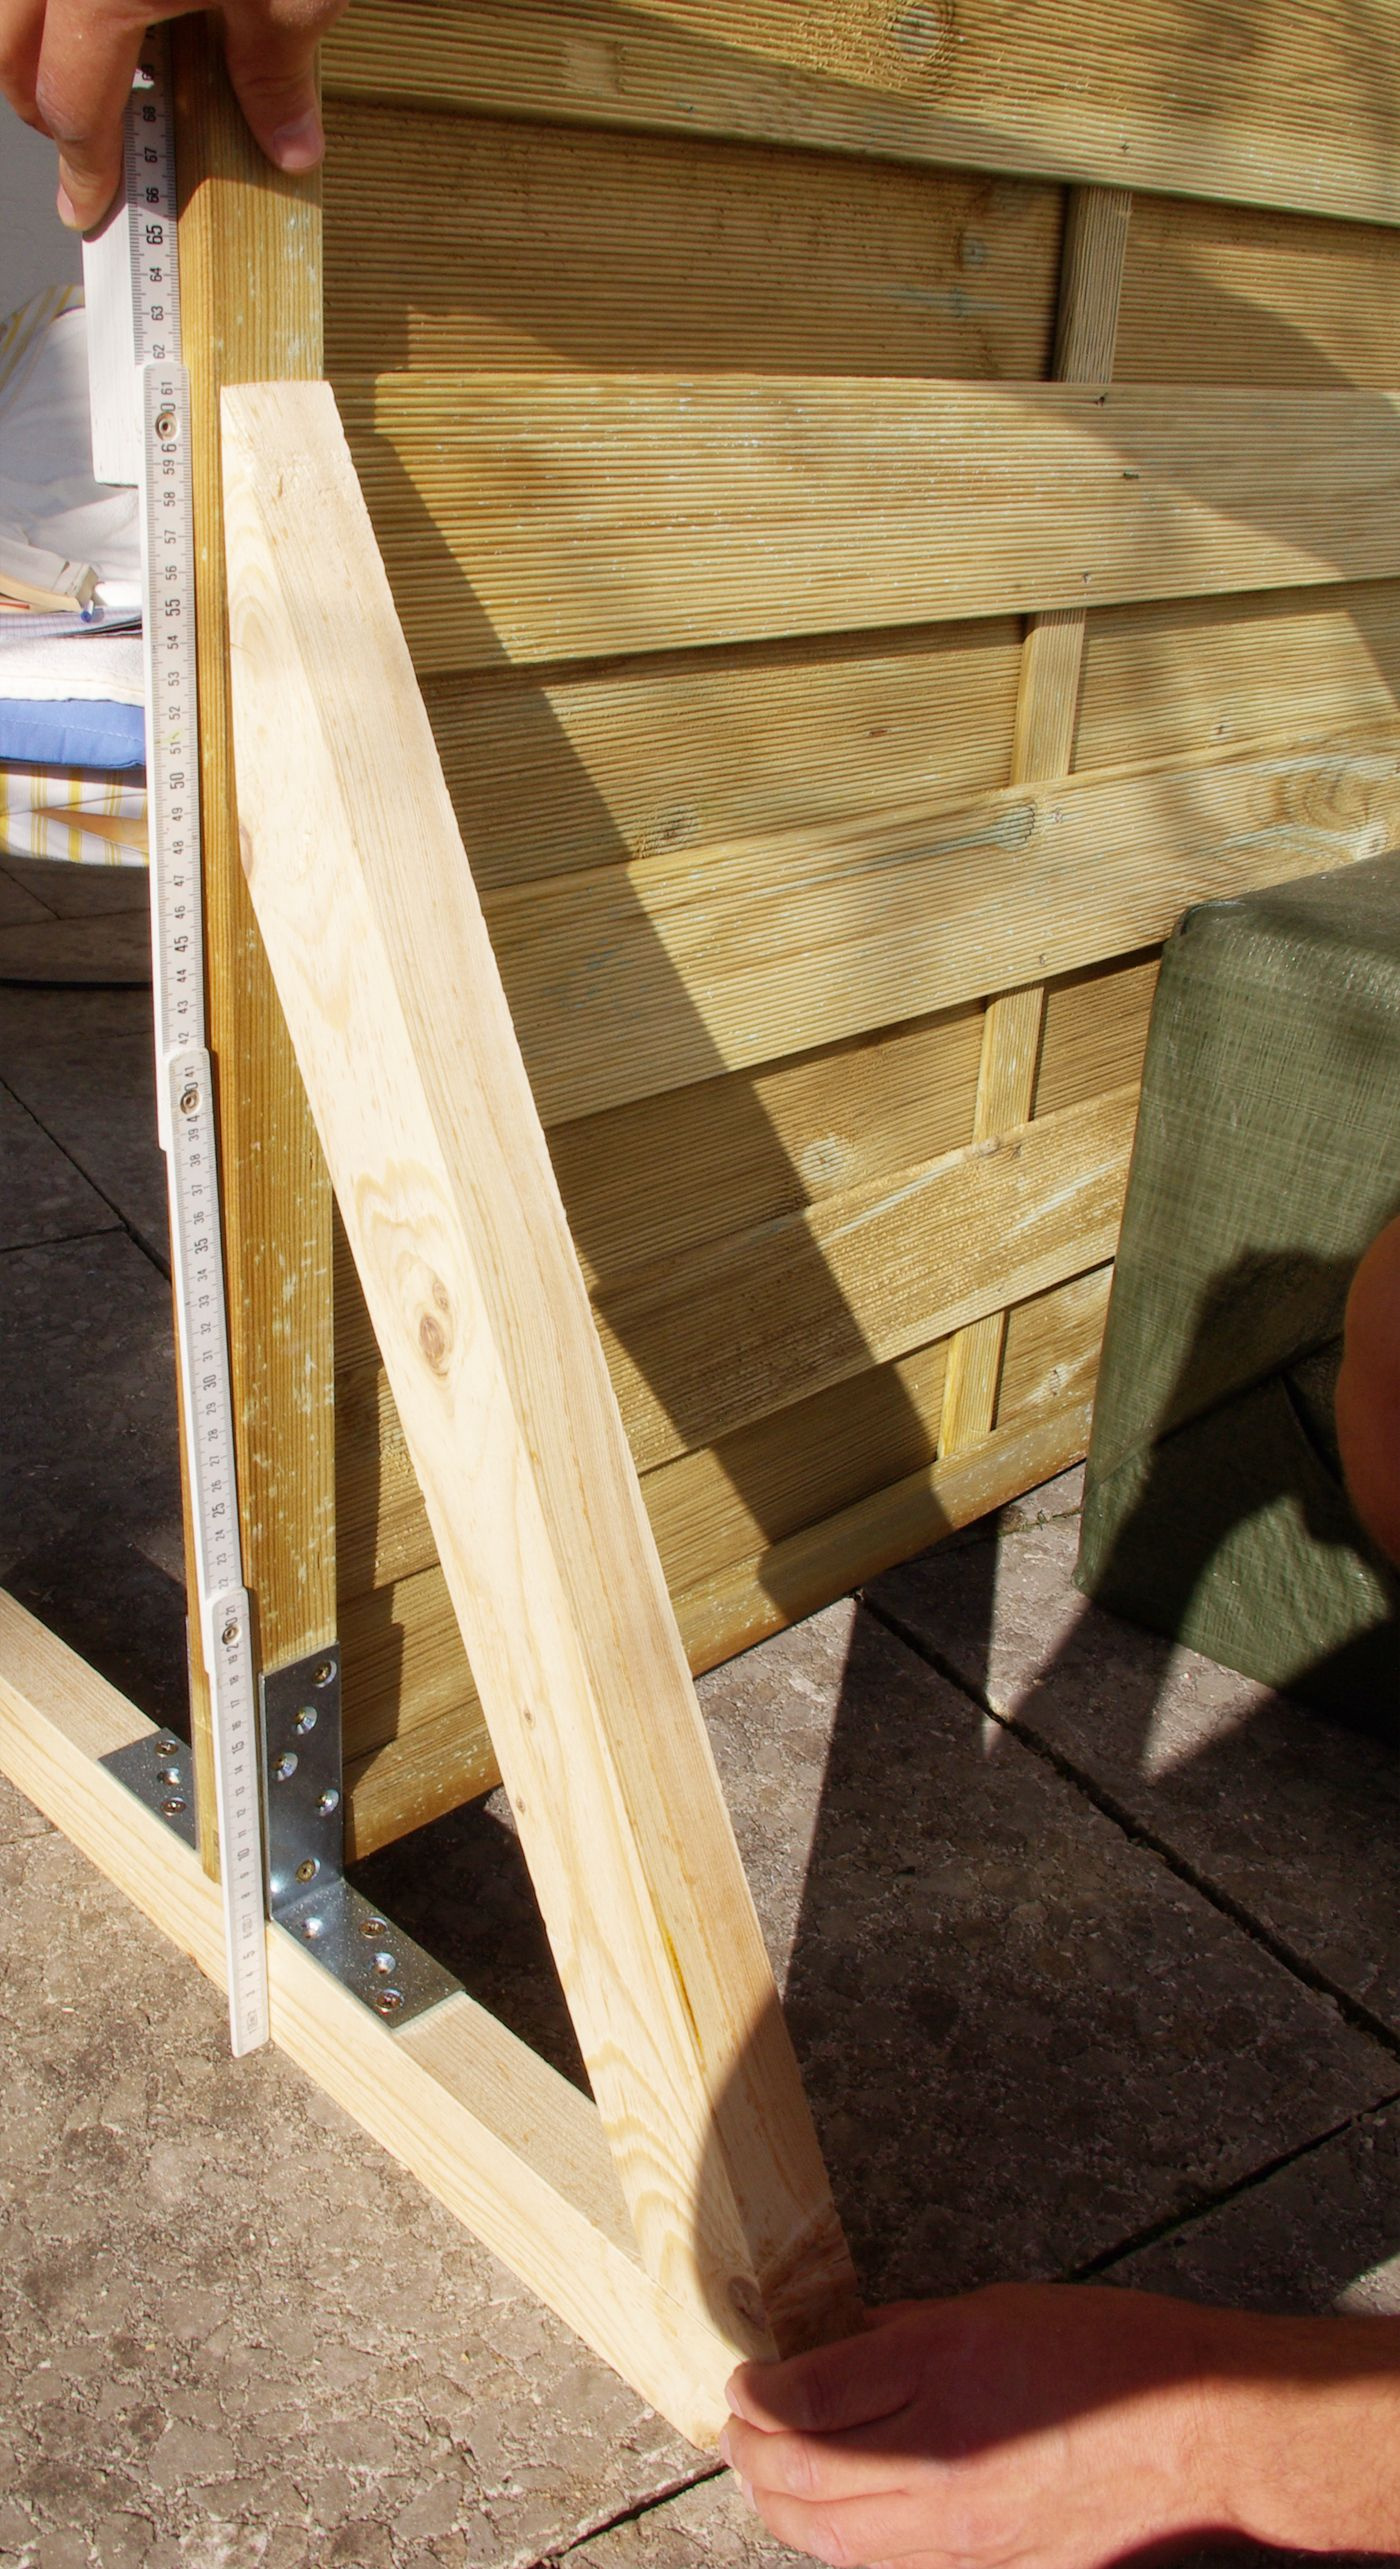 sichtschutz paravent garten balkon selber bauen anleitung diy h he fuss diy und selbermachen. Black Bedroom Furniture Sets. Home Design Ideas